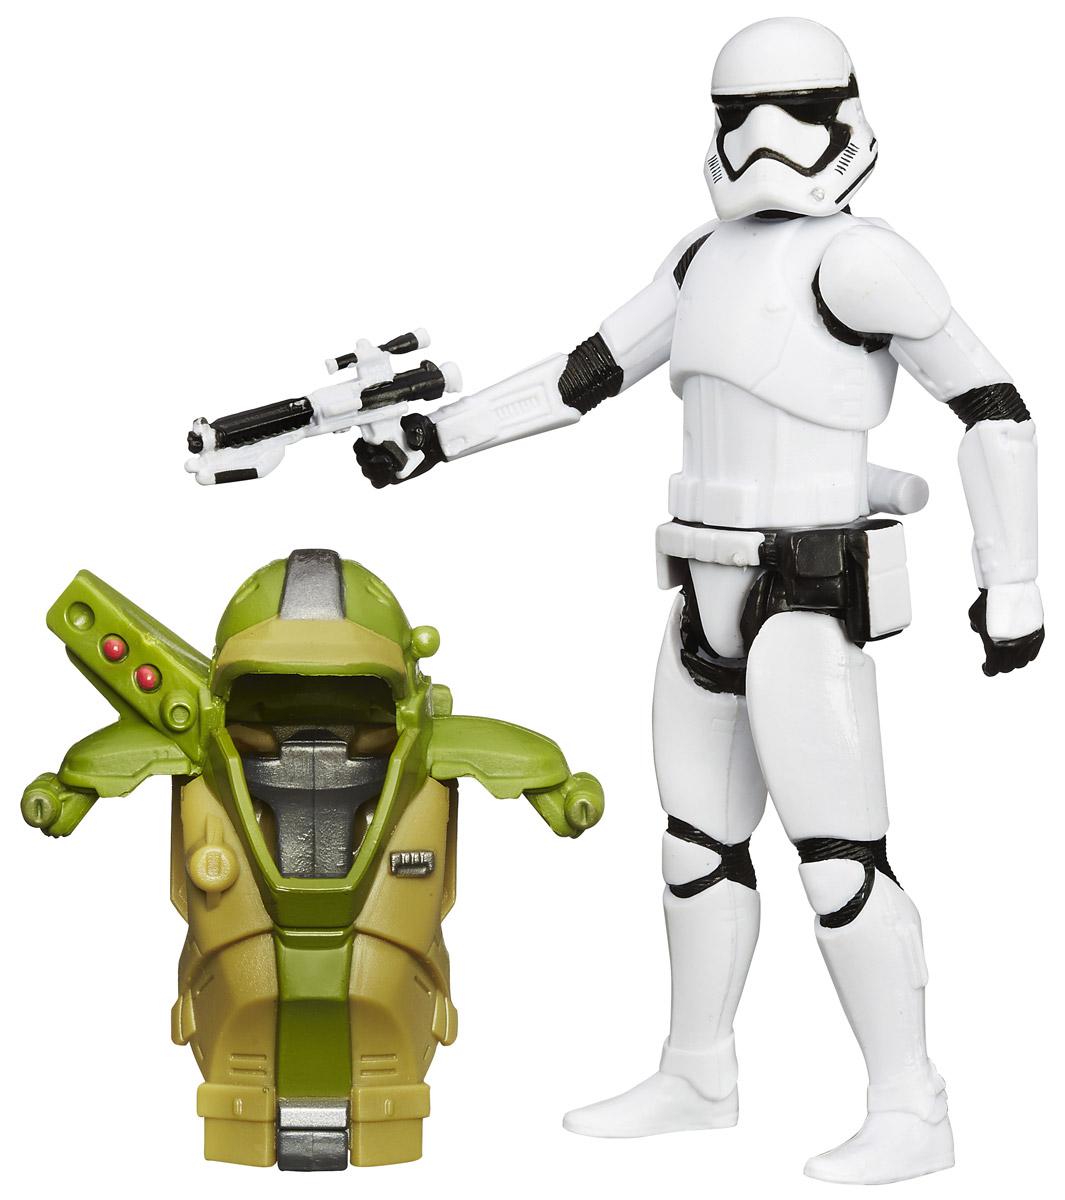 Star Wars Набор фигурок First Order StormtrooperB3886_B3892Набор фигурок Star Wars First Order Stormtrooper состоит из фигурки штурмовика Первого Ордена, боевого костюма и оружия. Конечности фигурки подвижны, голова поворачивается, оружие снимается. Эта фигурка непременно понравится поклоннику Звездных войн и станет замечательным украшением любой коллекции.